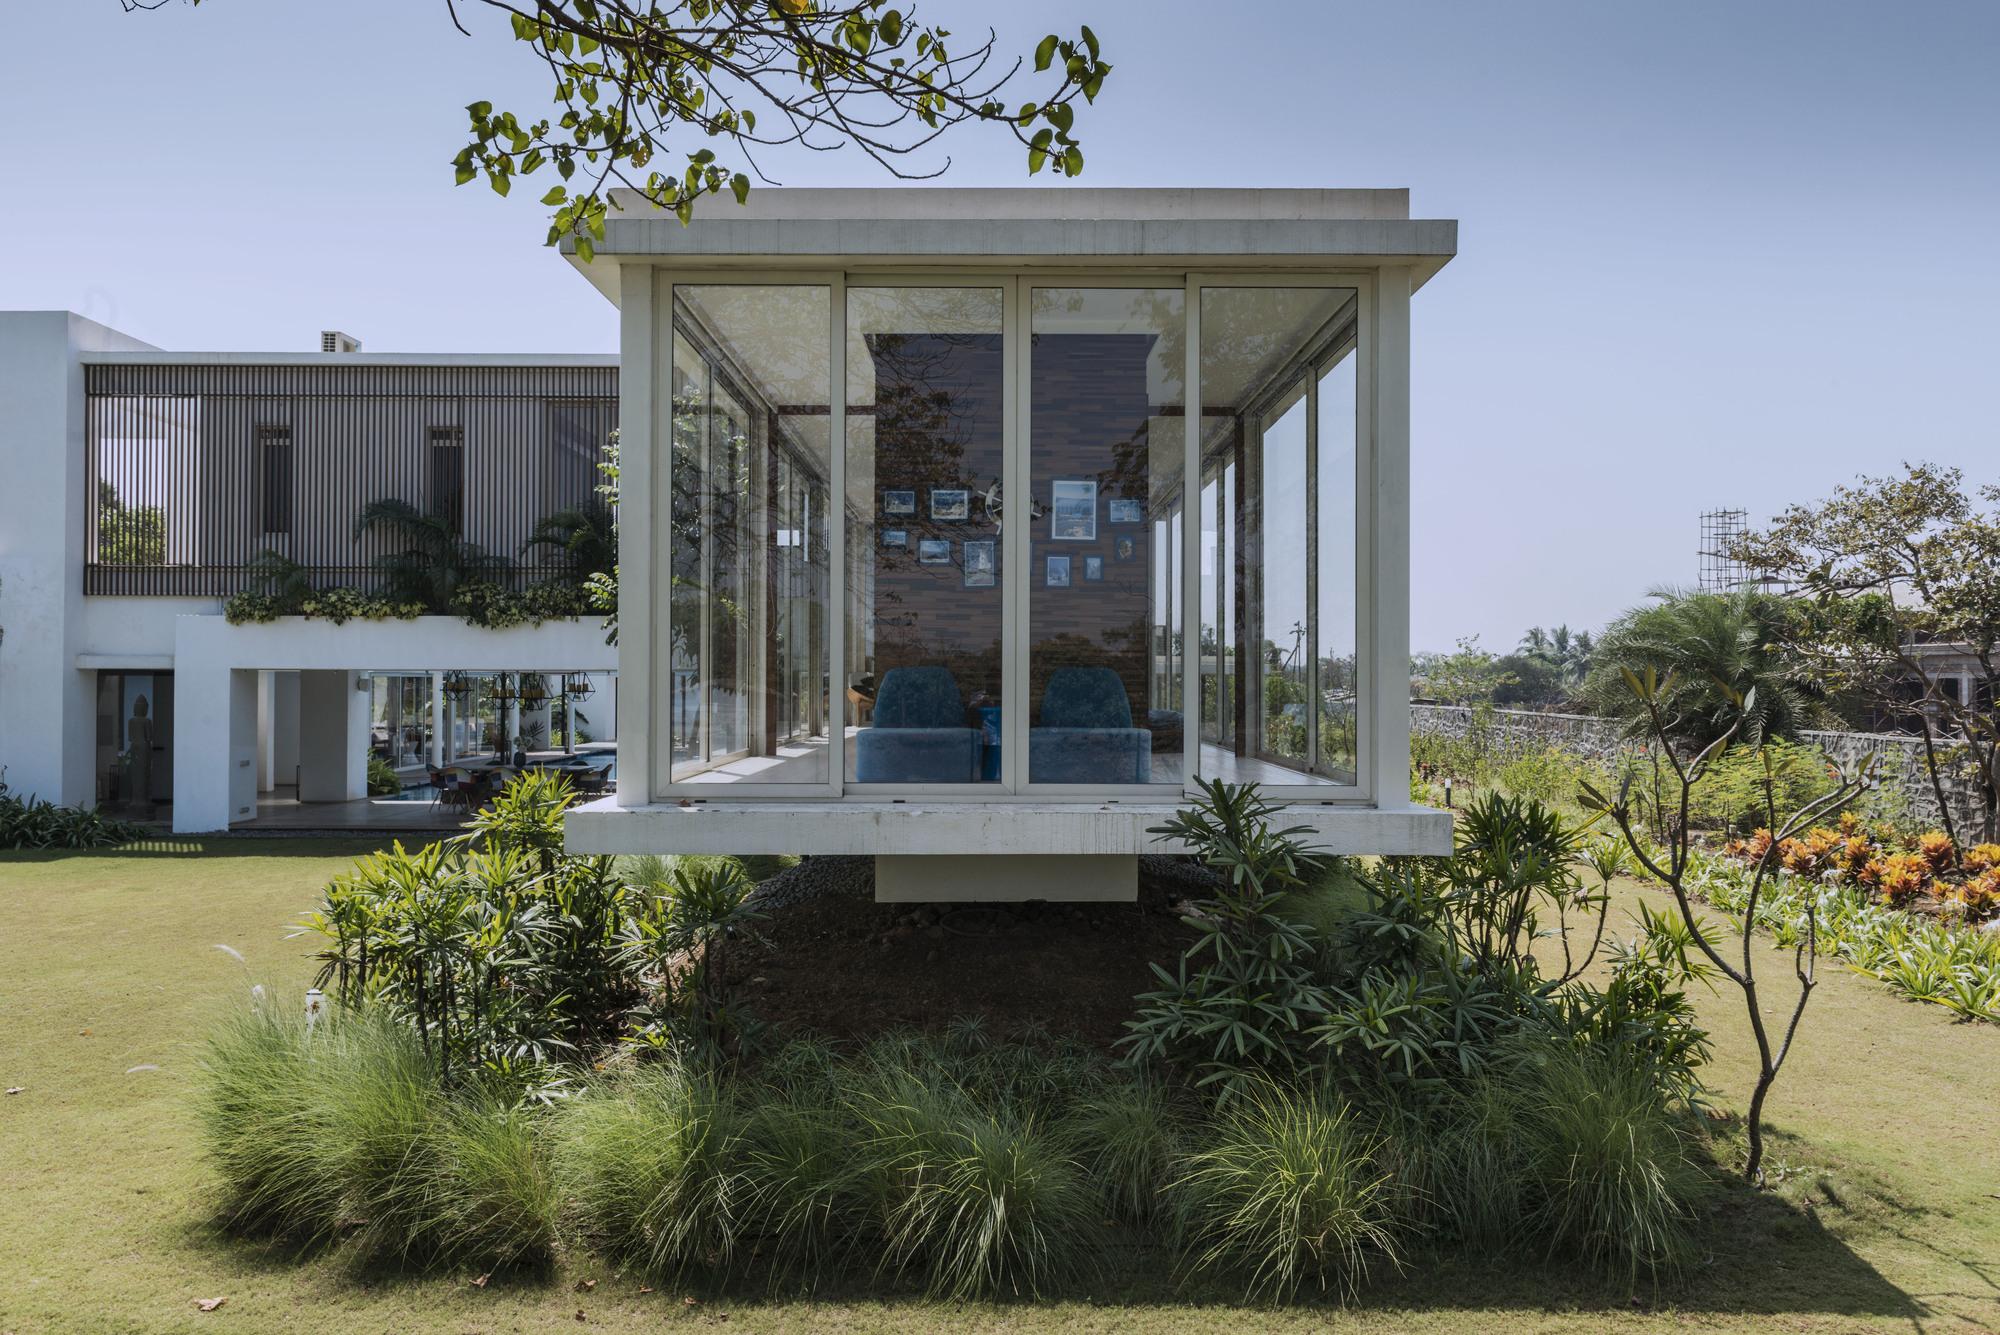 Tiny Home Designs: Cest La Vie / Atelier Design N Domain